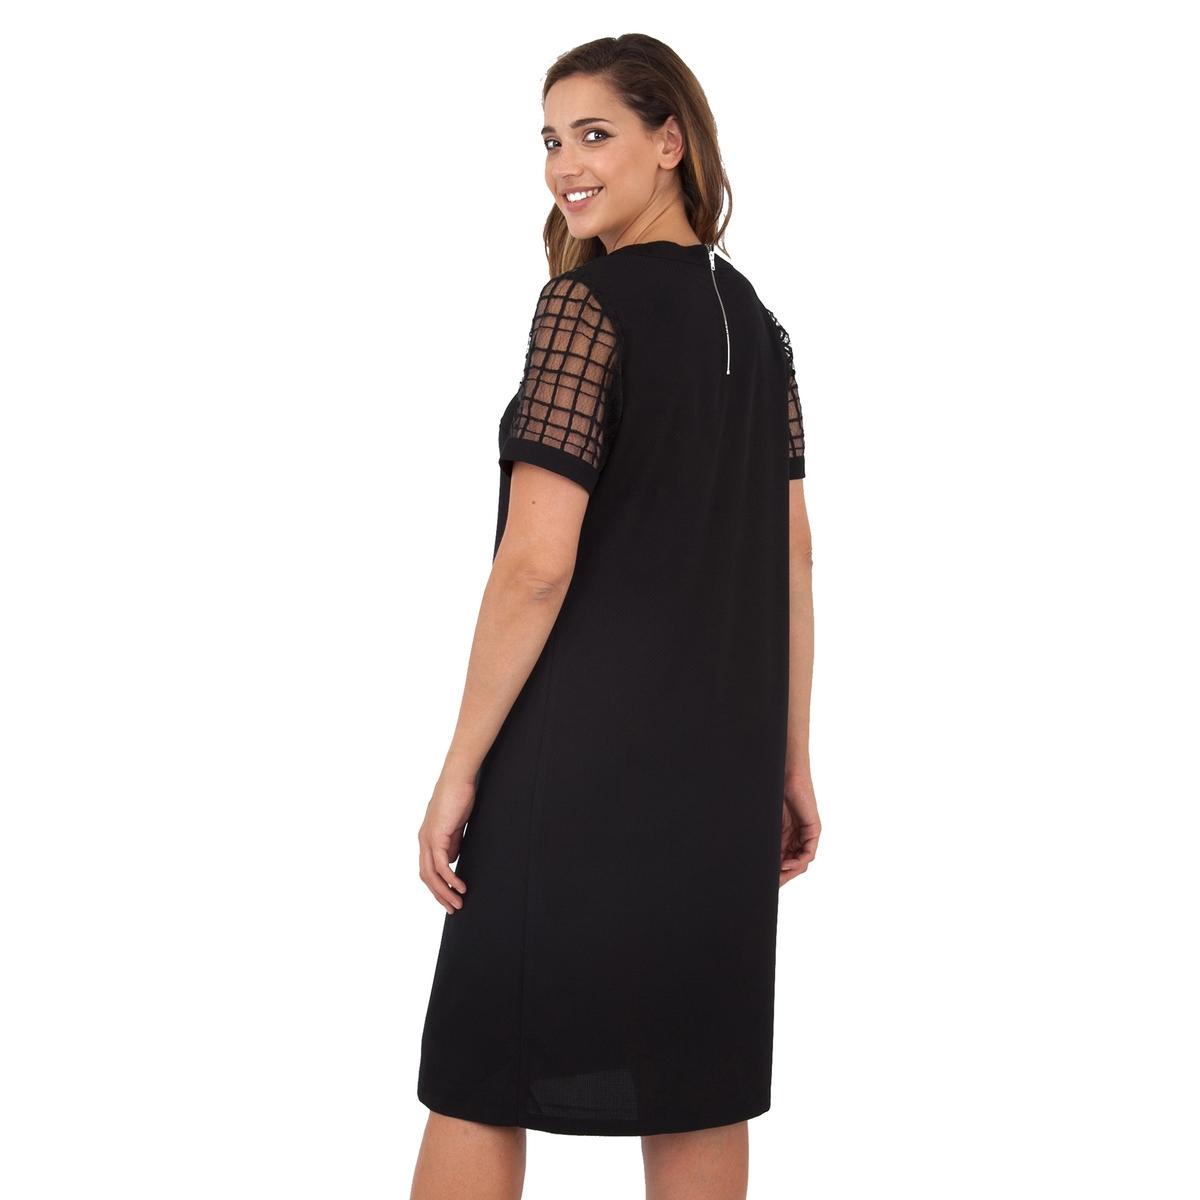 ПлатьеПлатье с короткими рукавами - LOVEDROBE.  Застежка на молнию сзади. Длина ок.104 см. 100% полиэстера.<br><br>Цвет: черный<br>Размер: 46 (FR) - 52 (RUS)